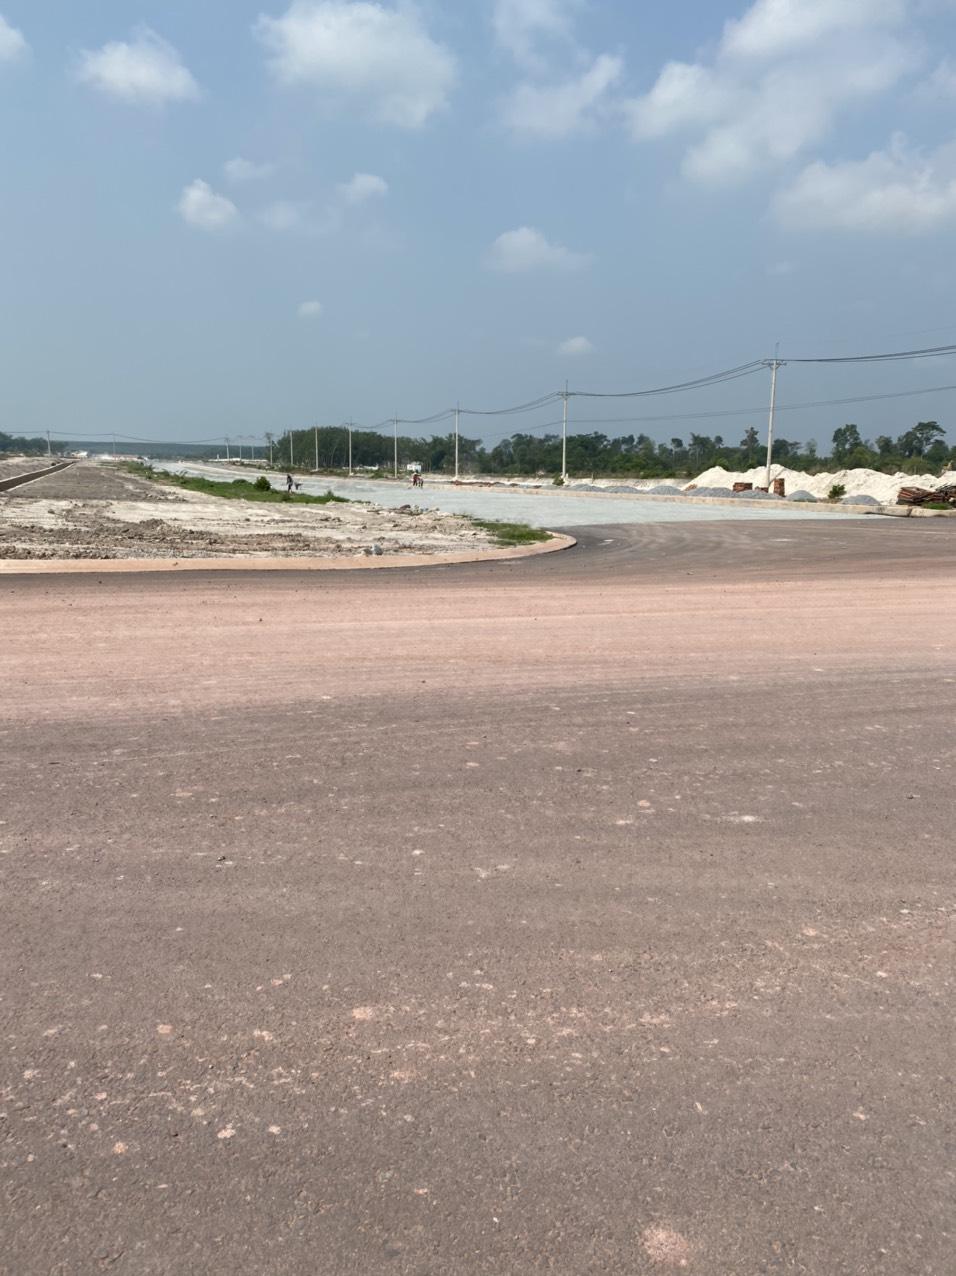 Bán đất nền giá đẹp Becamex Chơn Thành - Bình Phước - Ảnh chính